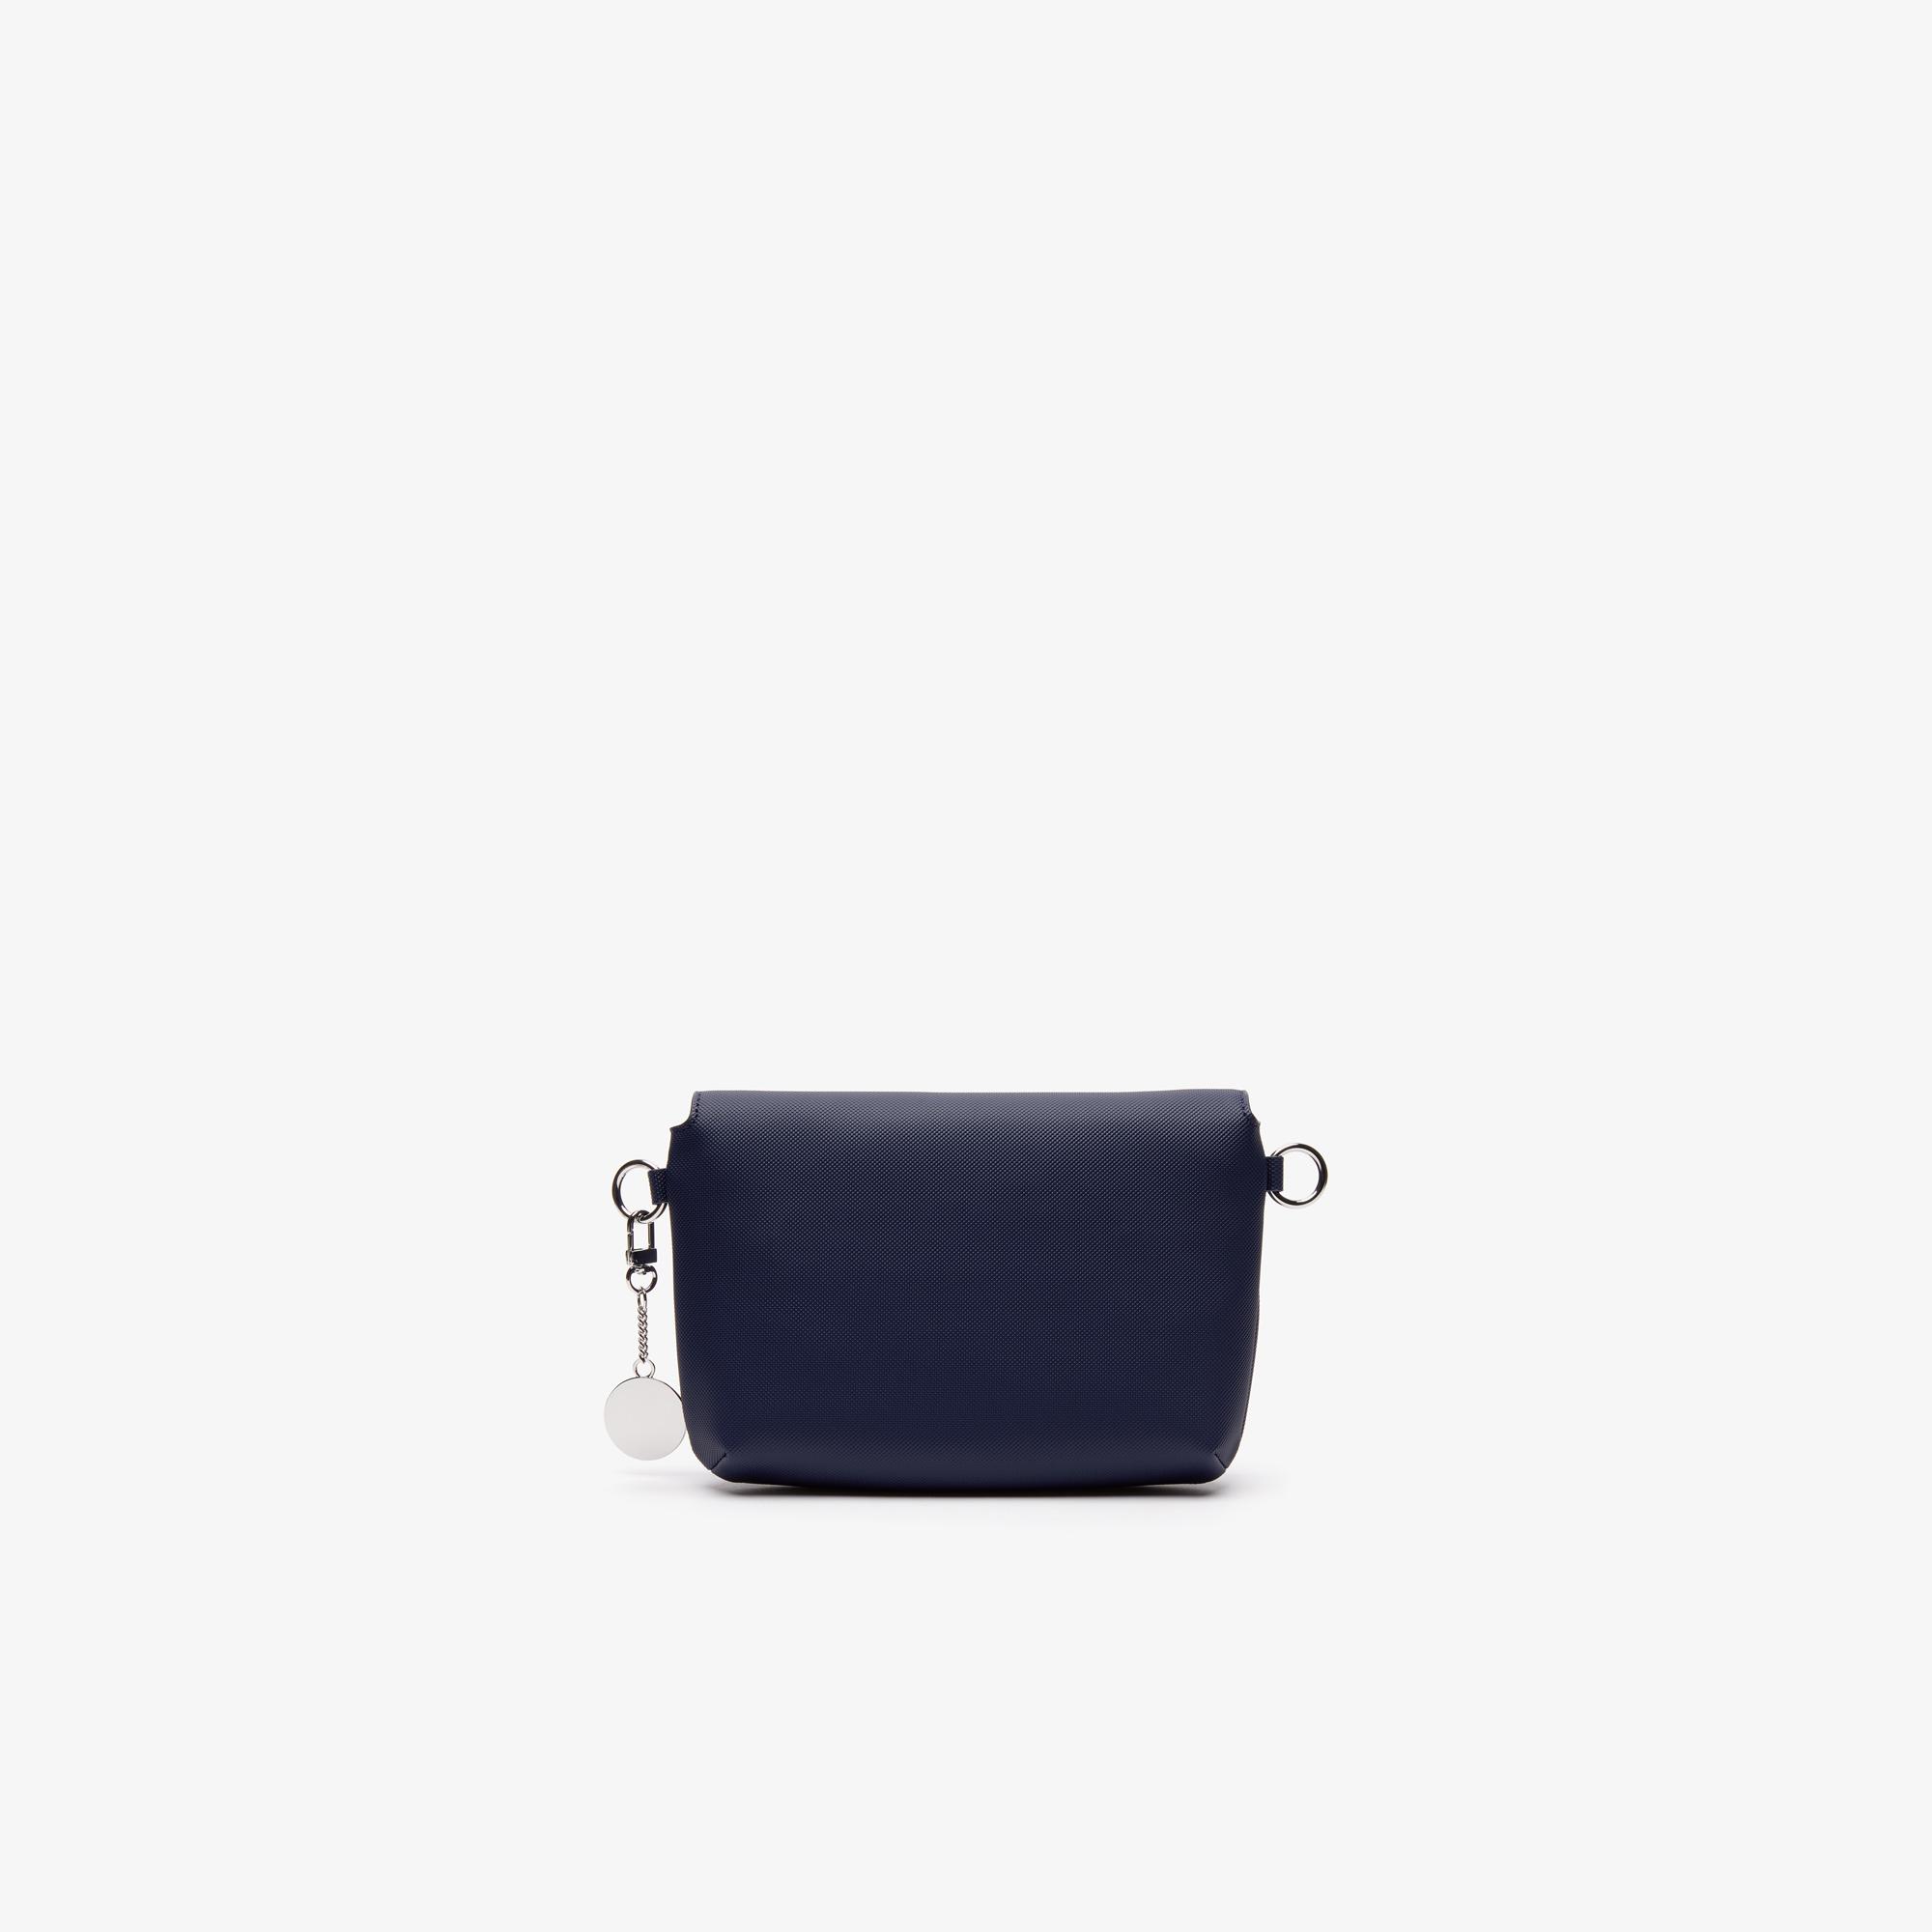 Фото 2 - Сумку Lacoste DAILY CLASSIC темно-синего цвета